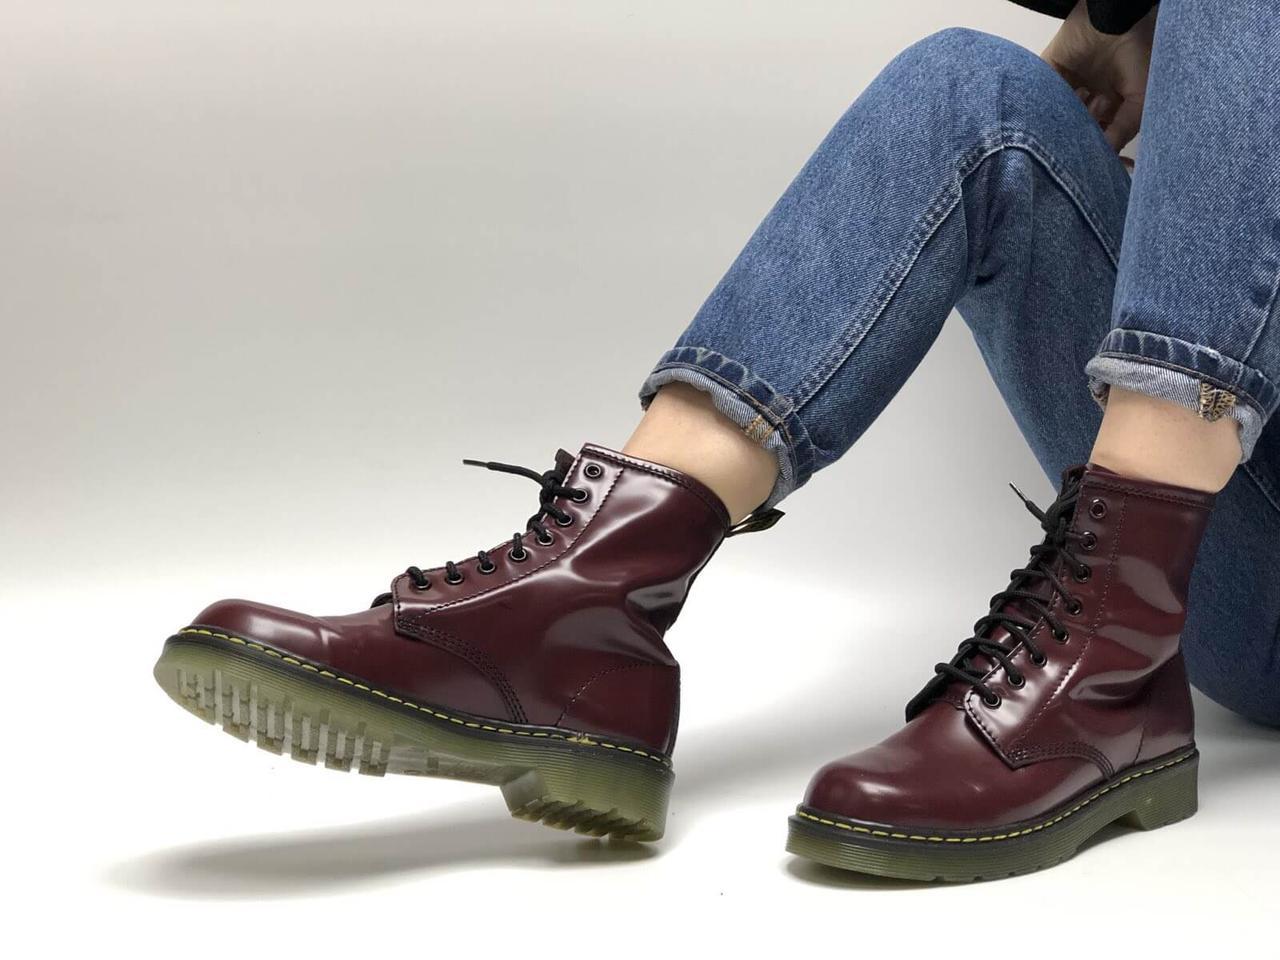 Зимові жіночі черевики Доктор Мартінс бордового кольору (Жіночі черевики Dr. Martens)